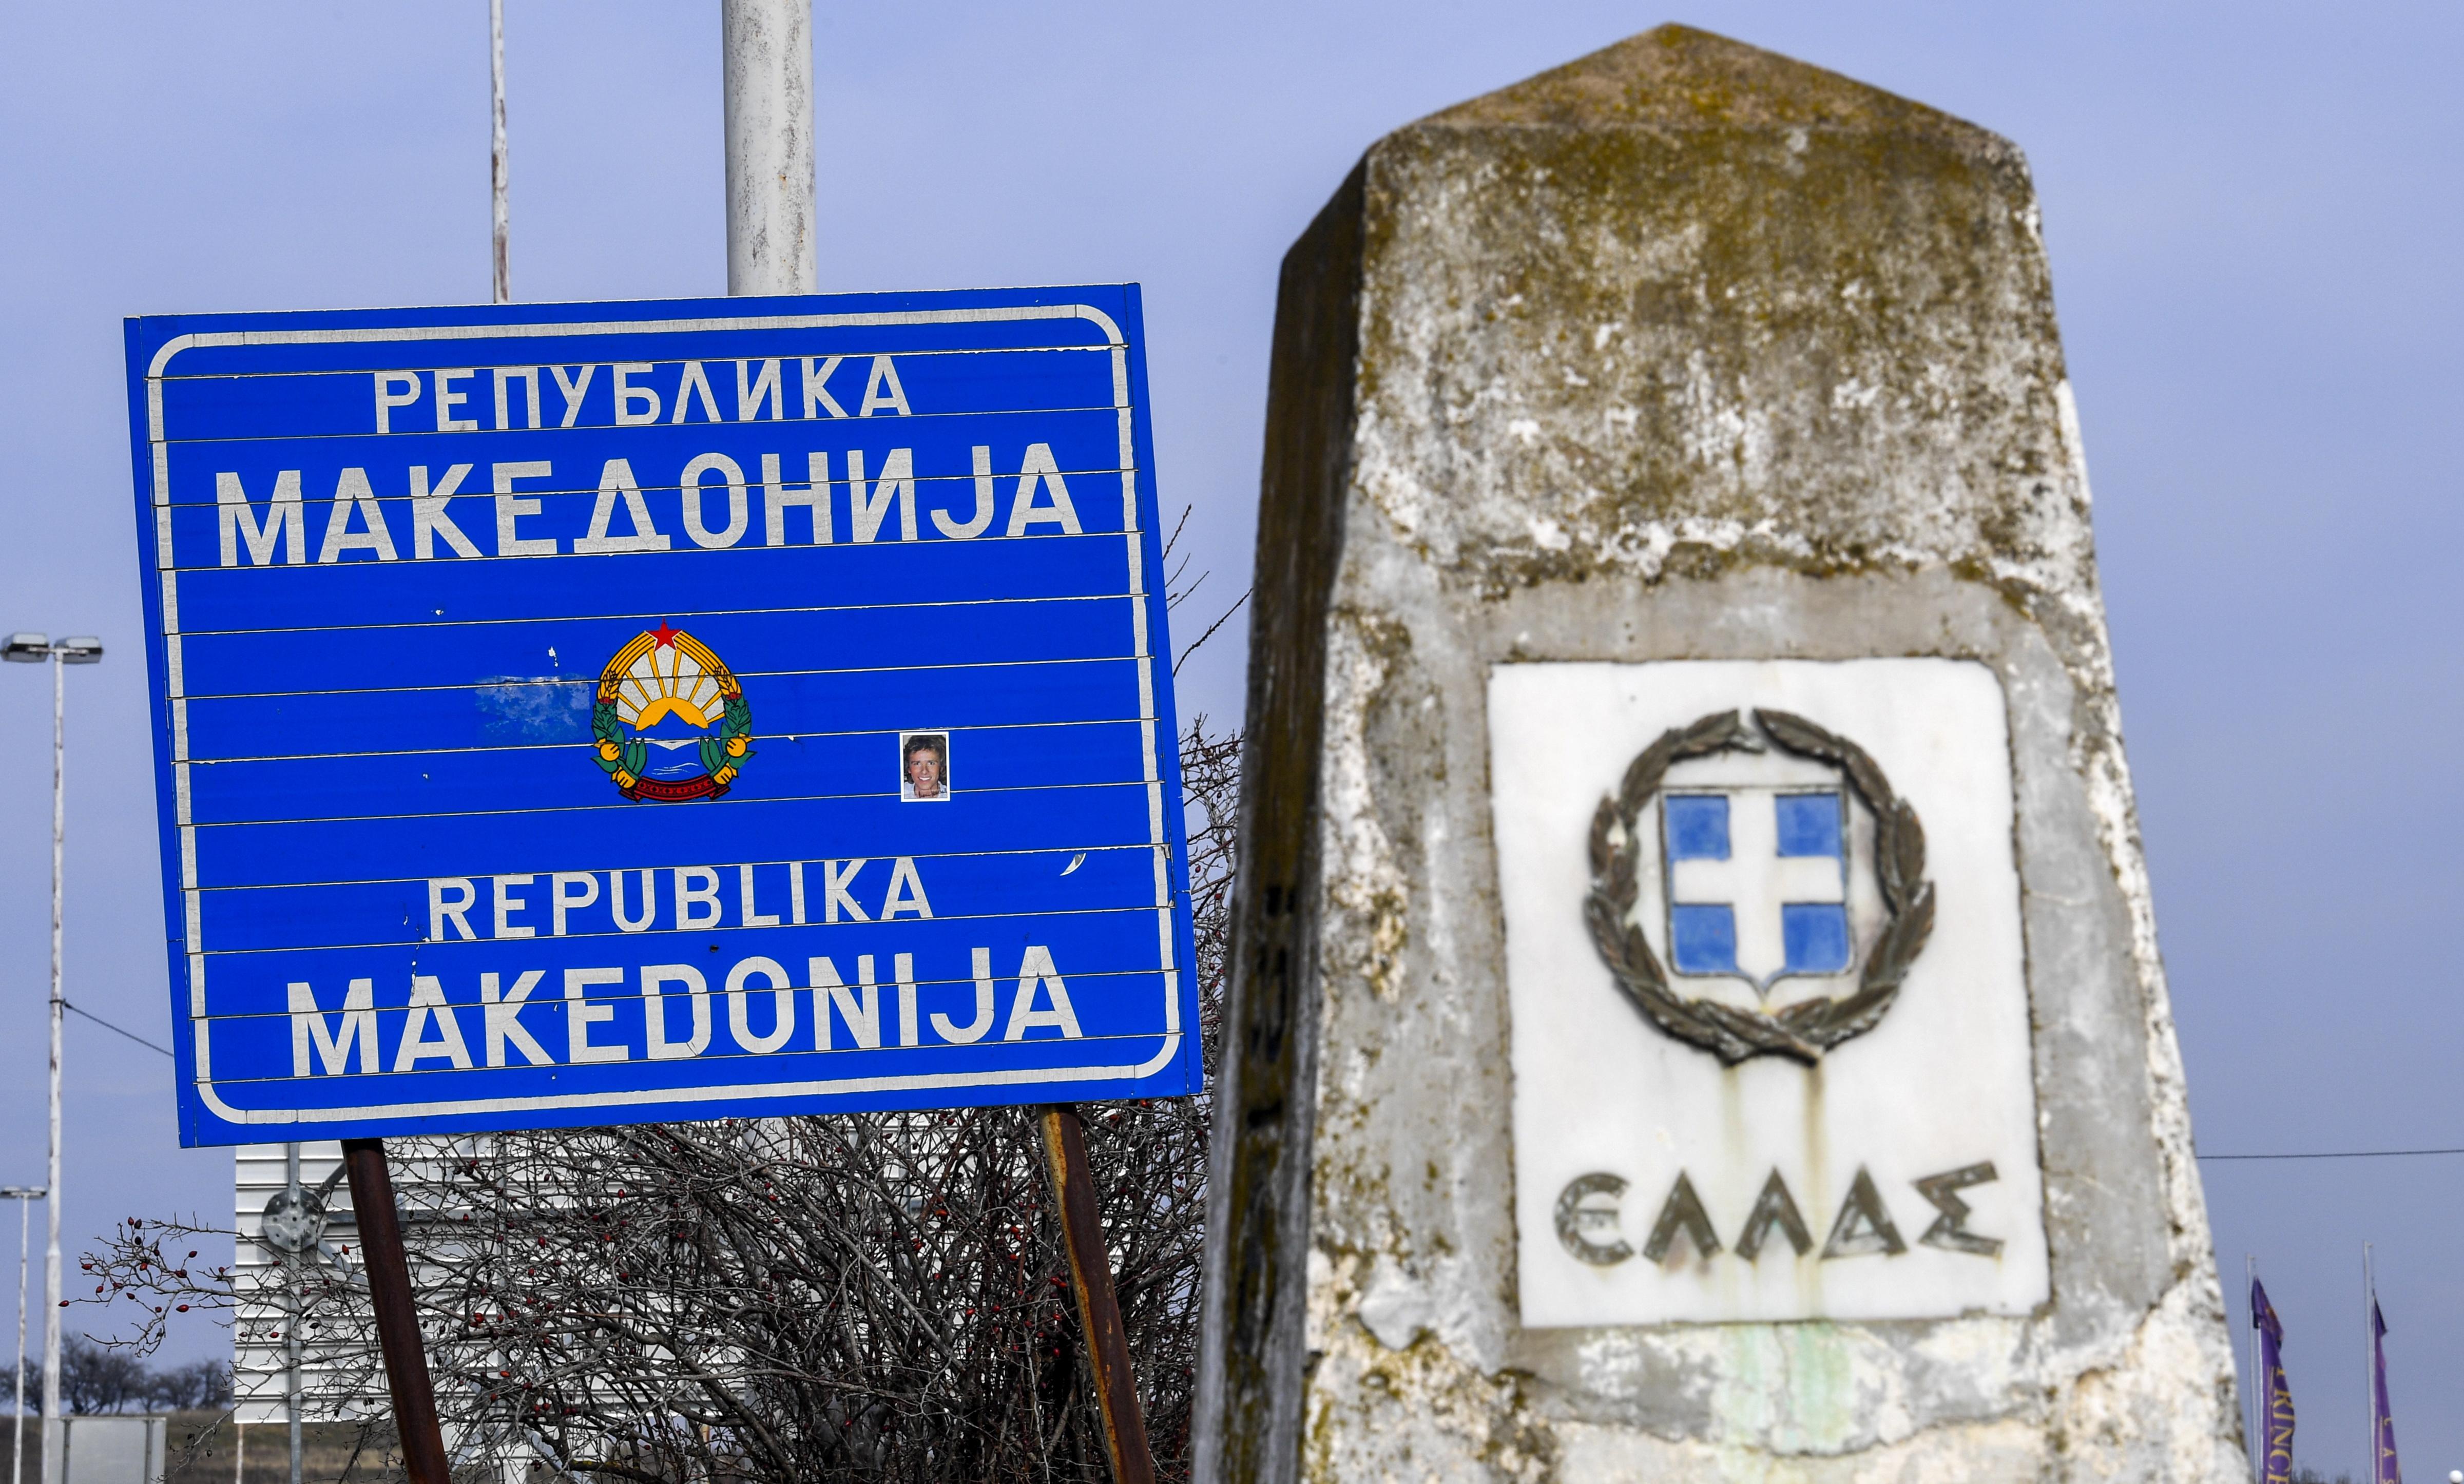 Нови табели по границите за три дни, нови регистрационни номера за колите до четири месеца, нови паспорти до края на годината и нови банкноти до 2020 г., са част от мерките, които Македония трябва да приложи след влизането в сила на Договора с Гърция